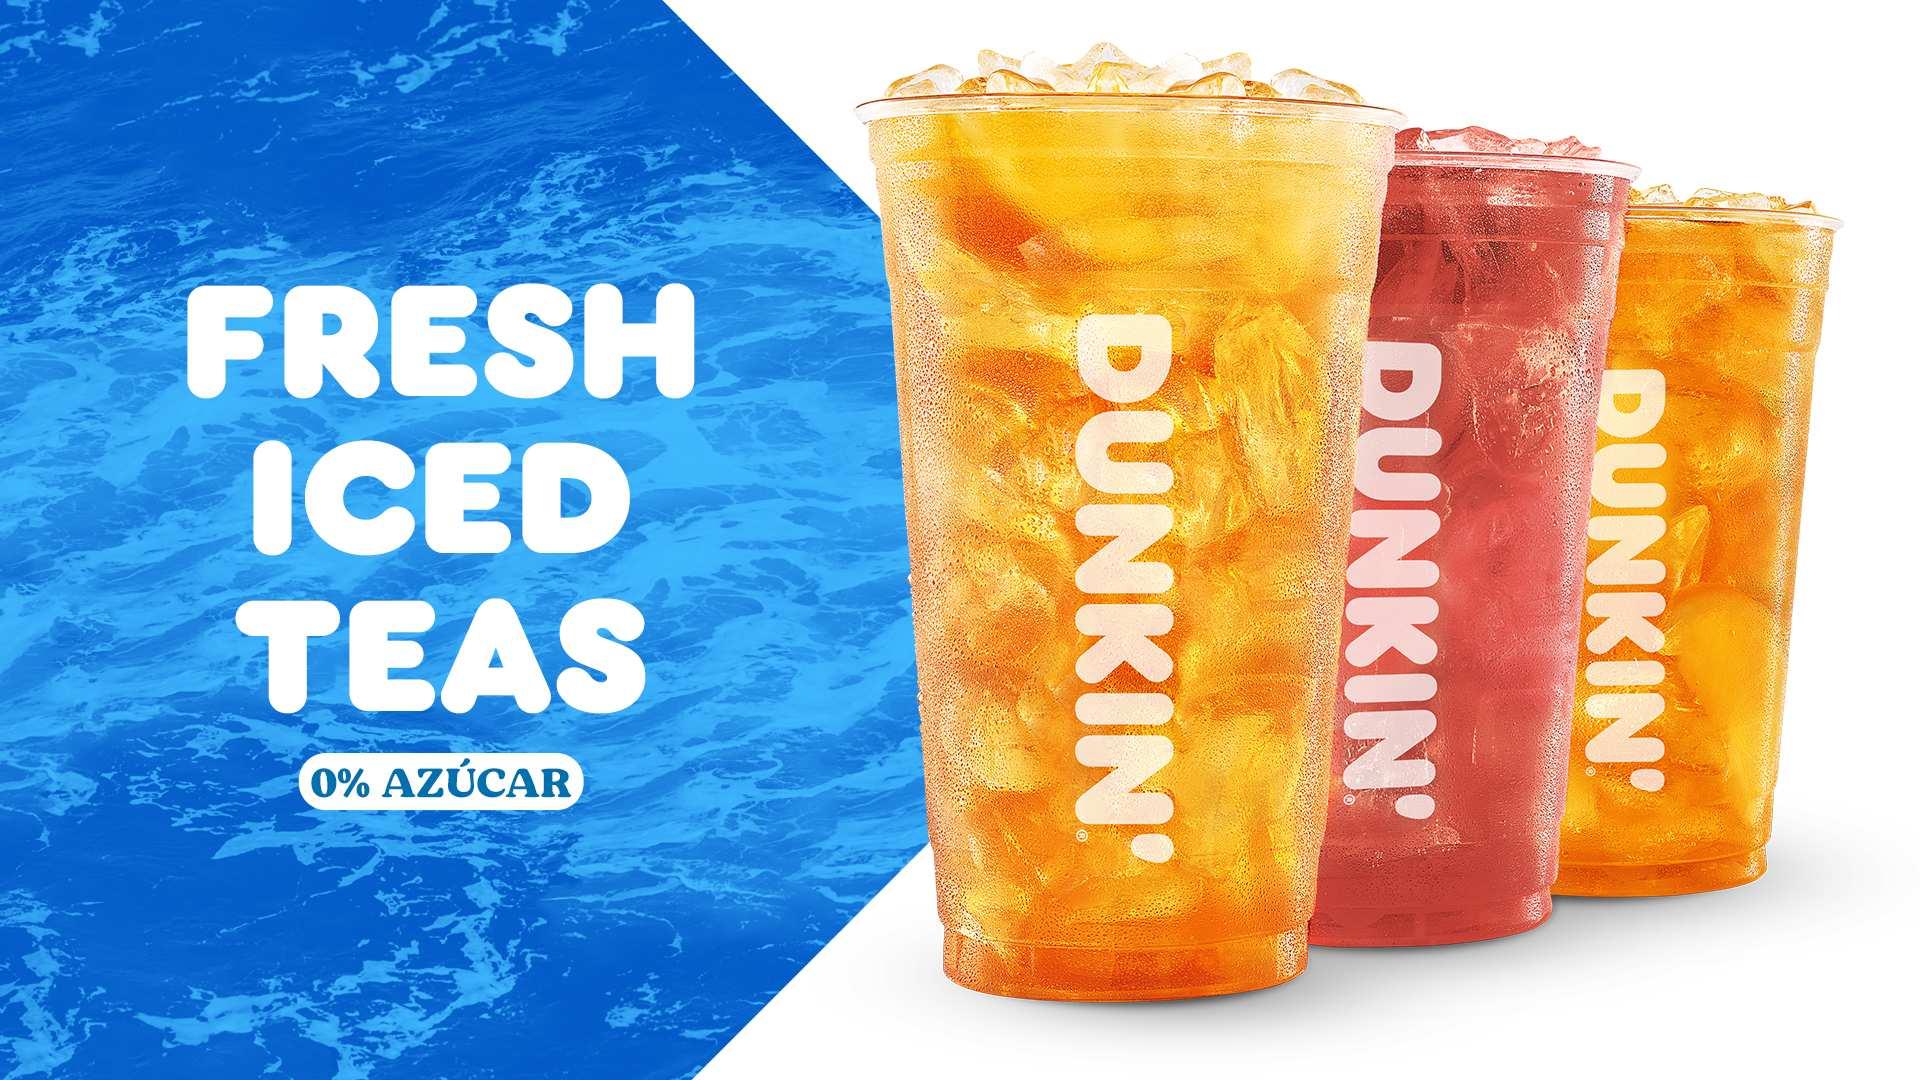 Ya puedes disfrutar de nuestros Iced Teas 0% azúcar